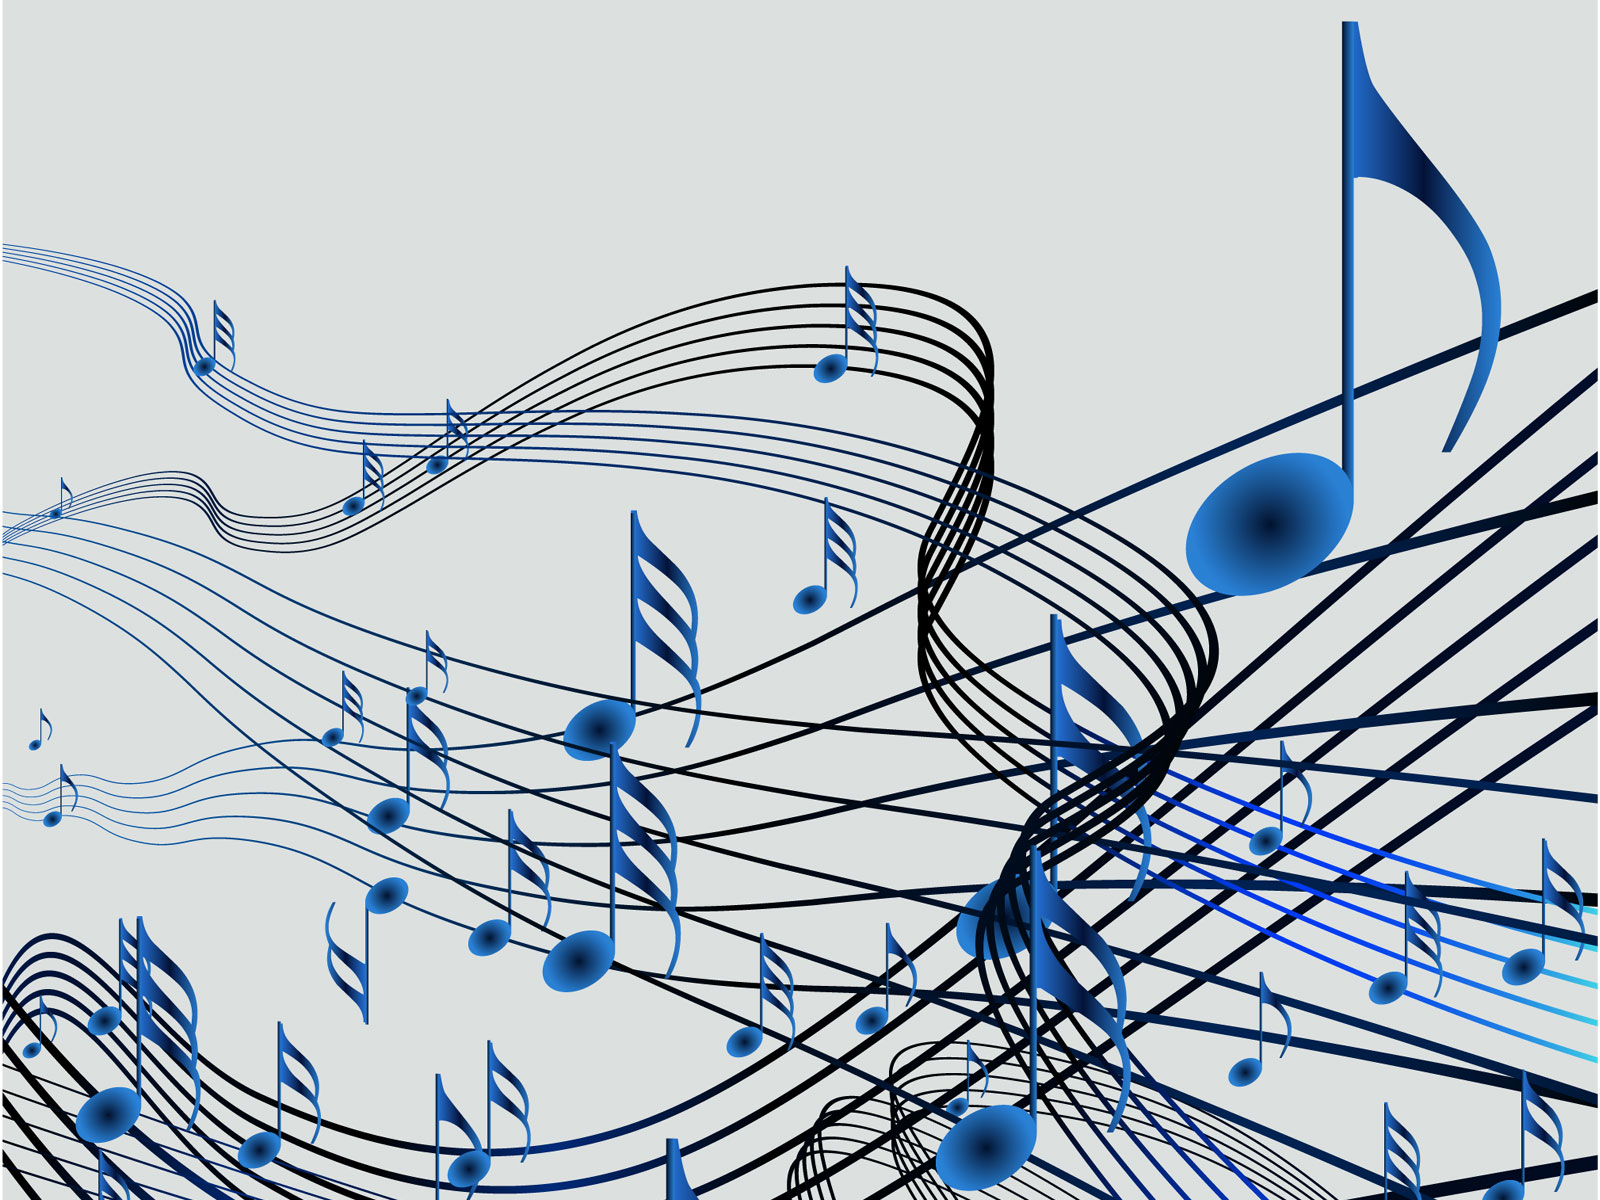 音符イラスト 光の筋 色反転 無料のフリー素材